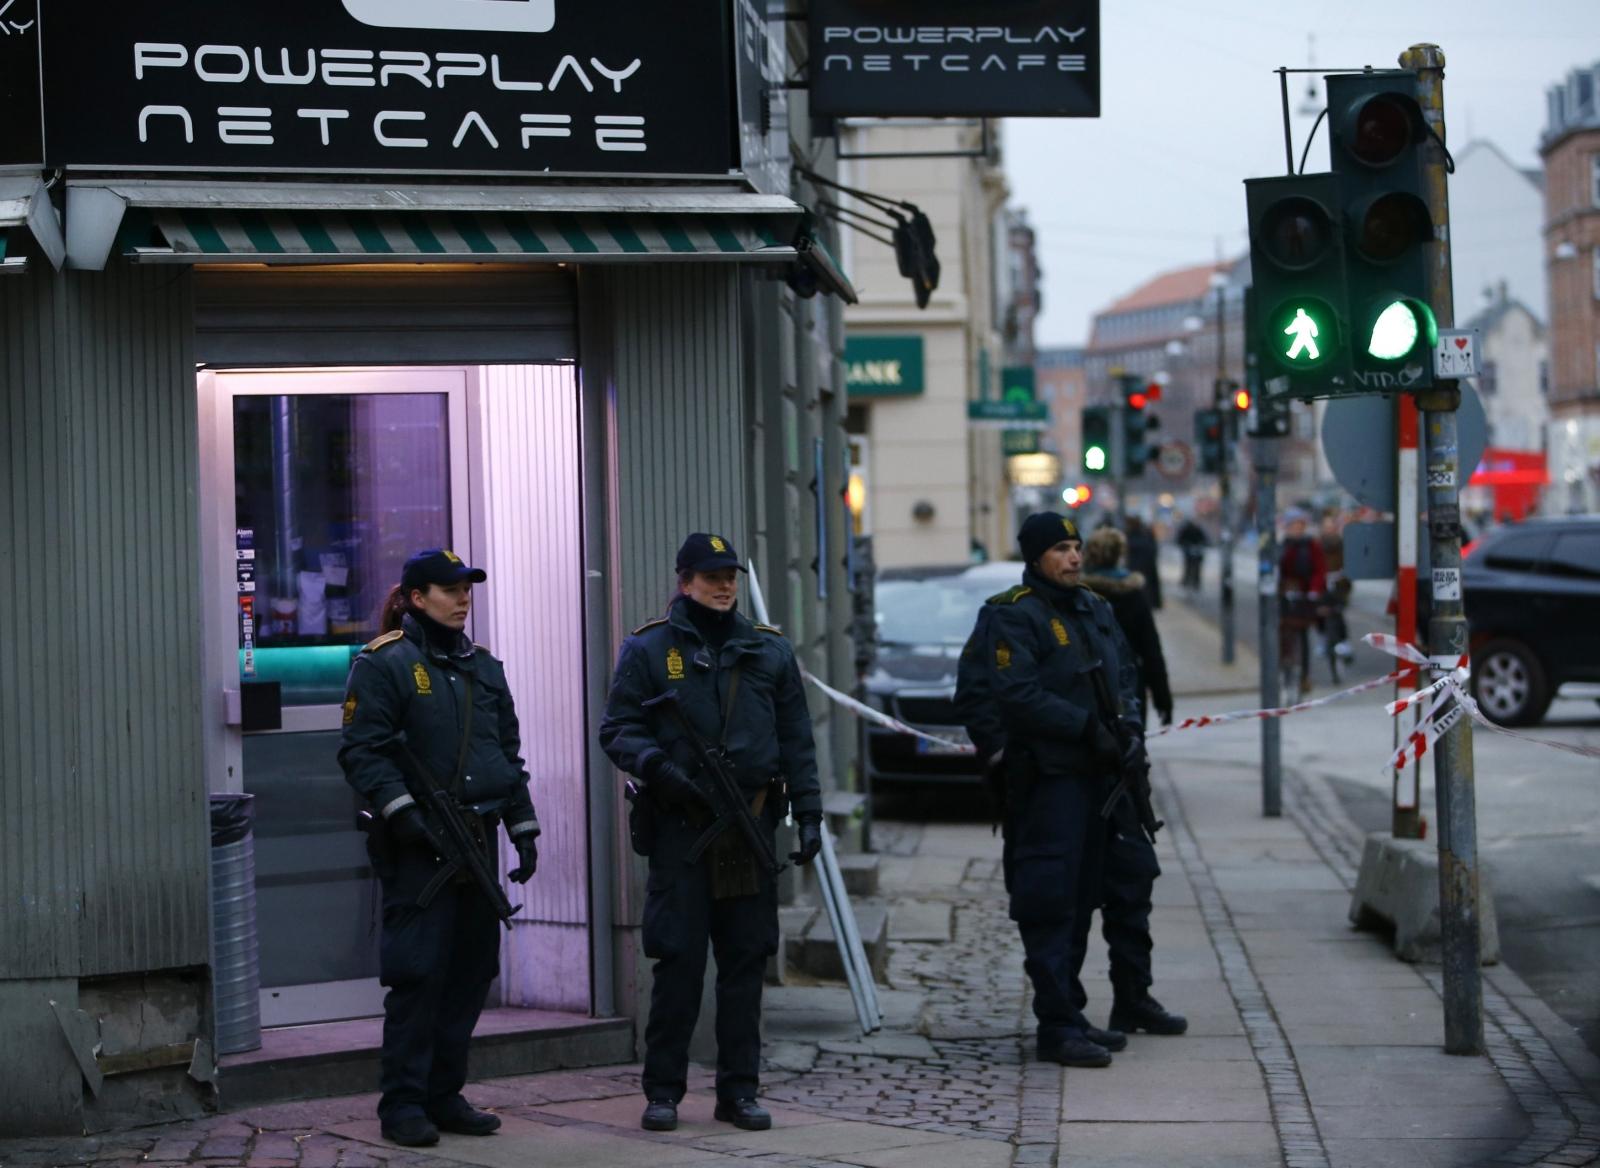 Copenhagen attacks: Amateur video shows café shooting aftermath